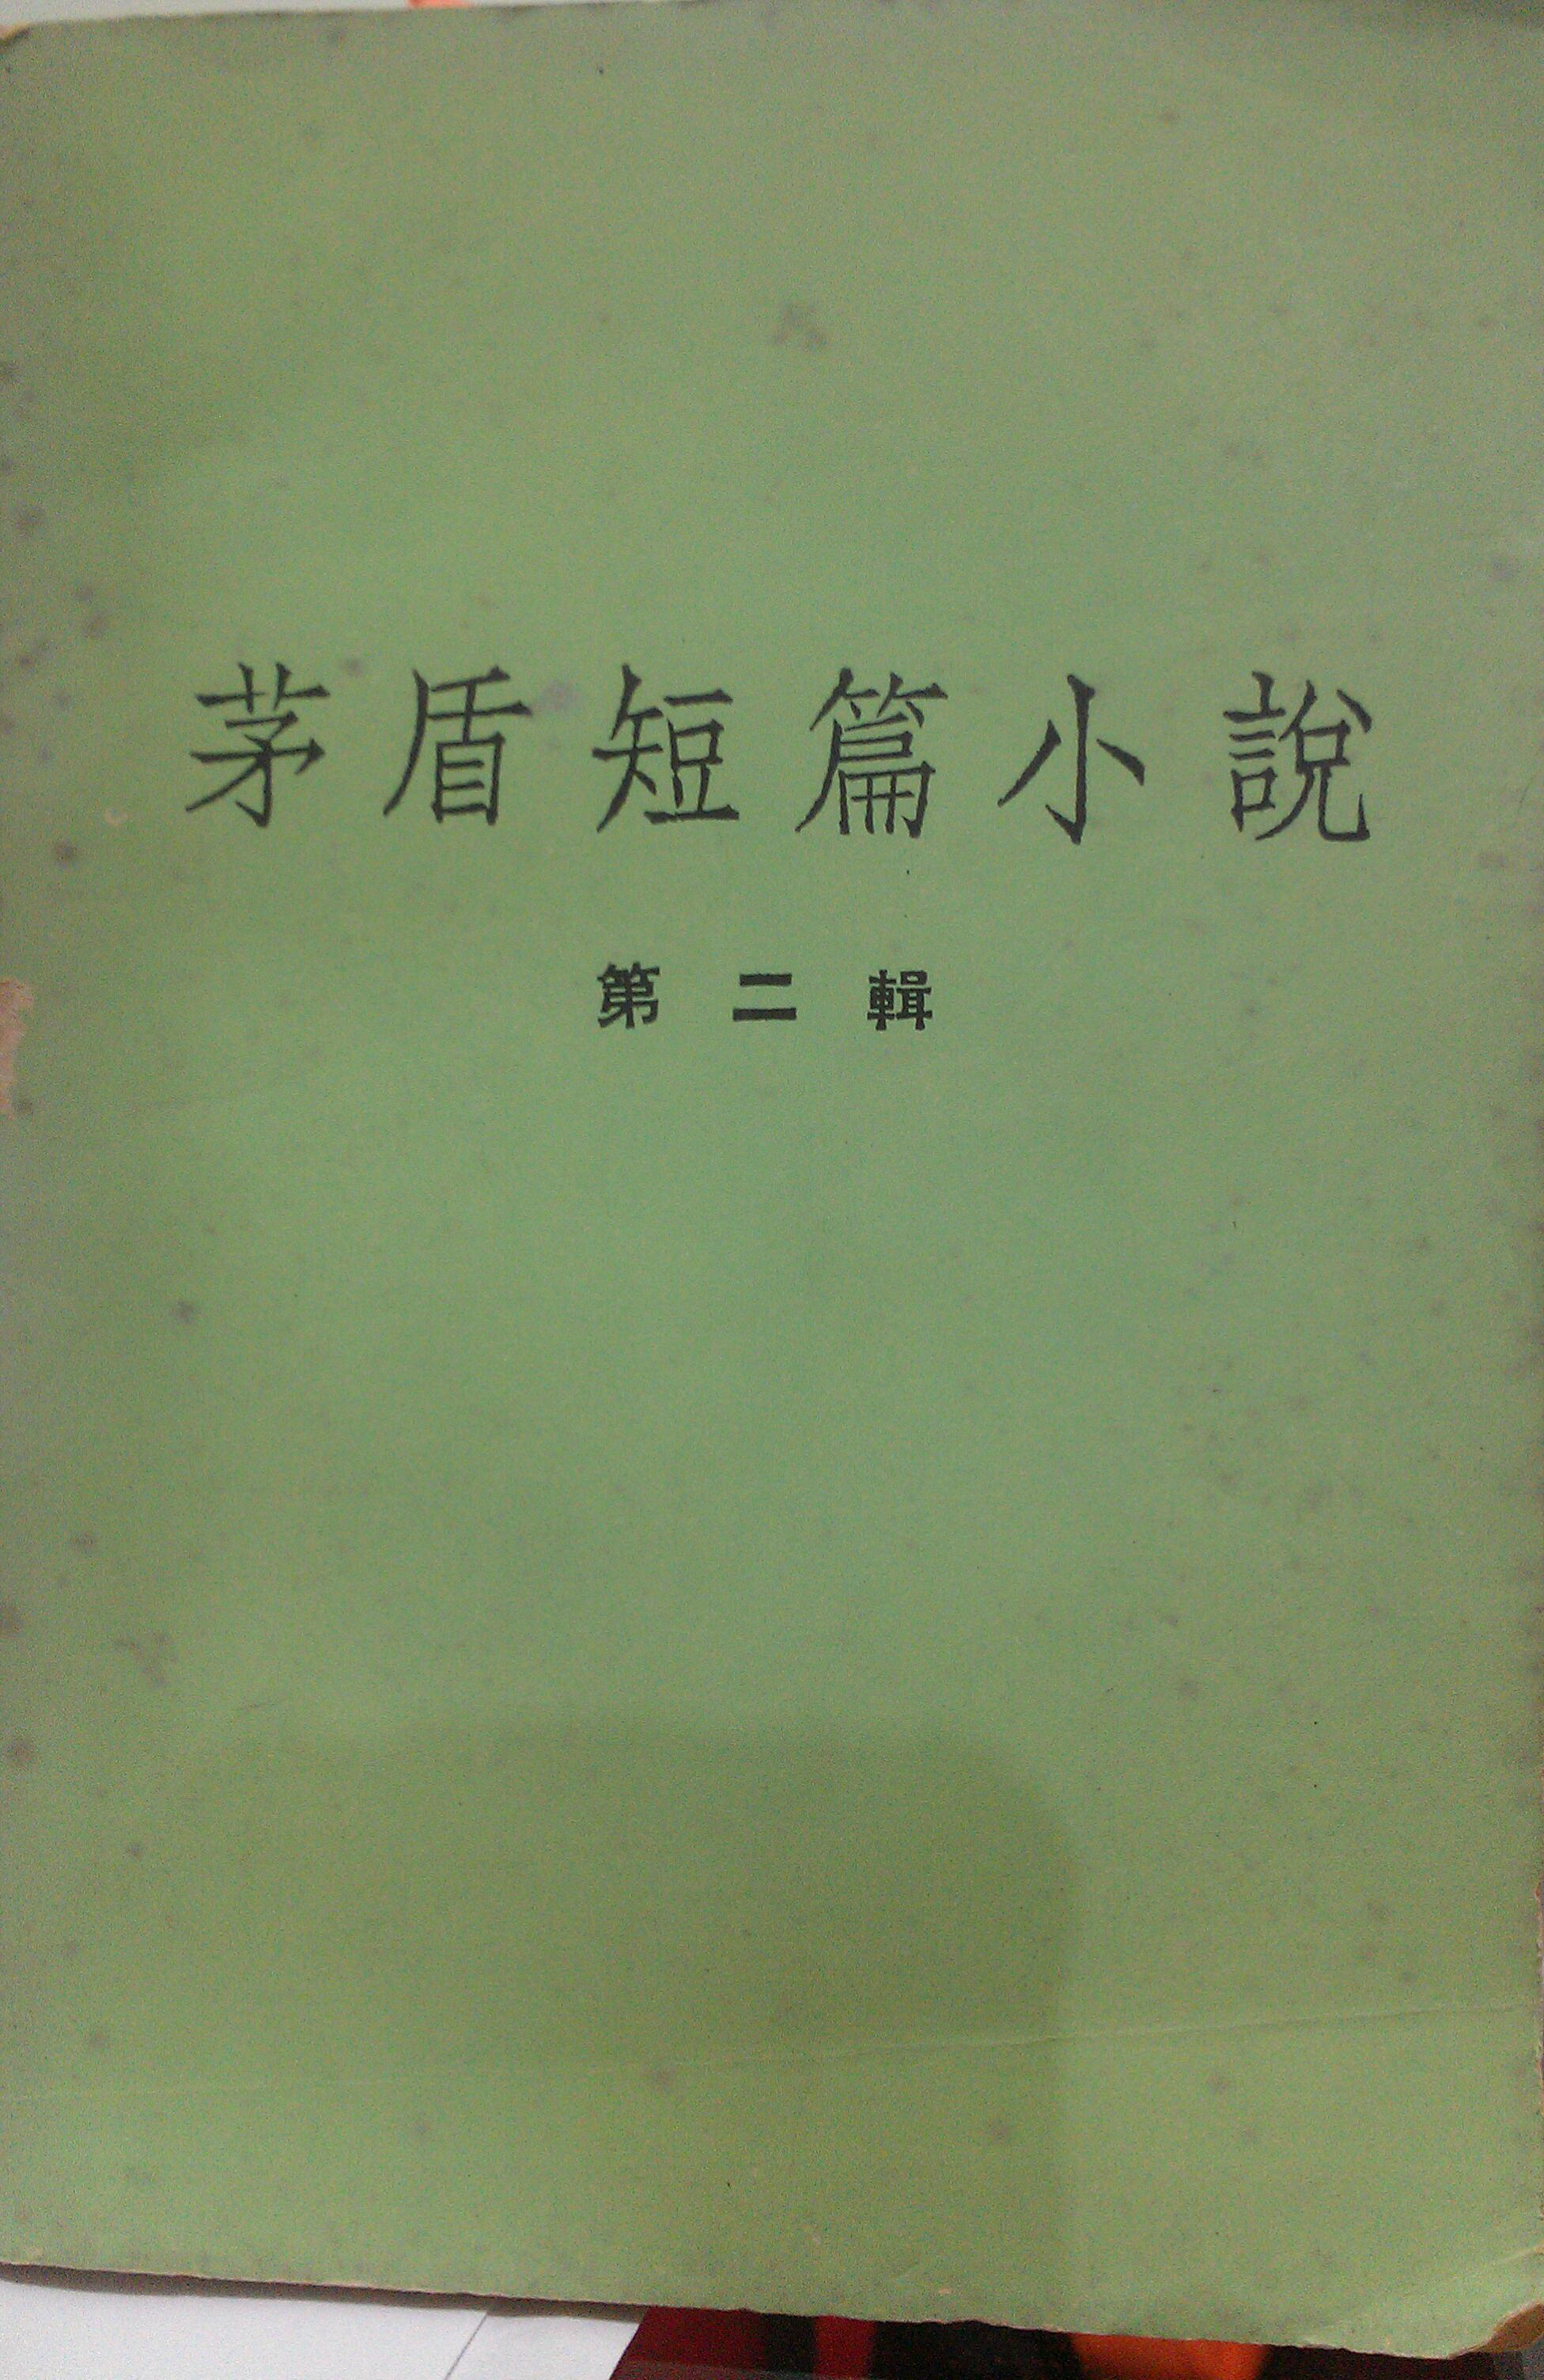 茅盾短篇小說第二輯